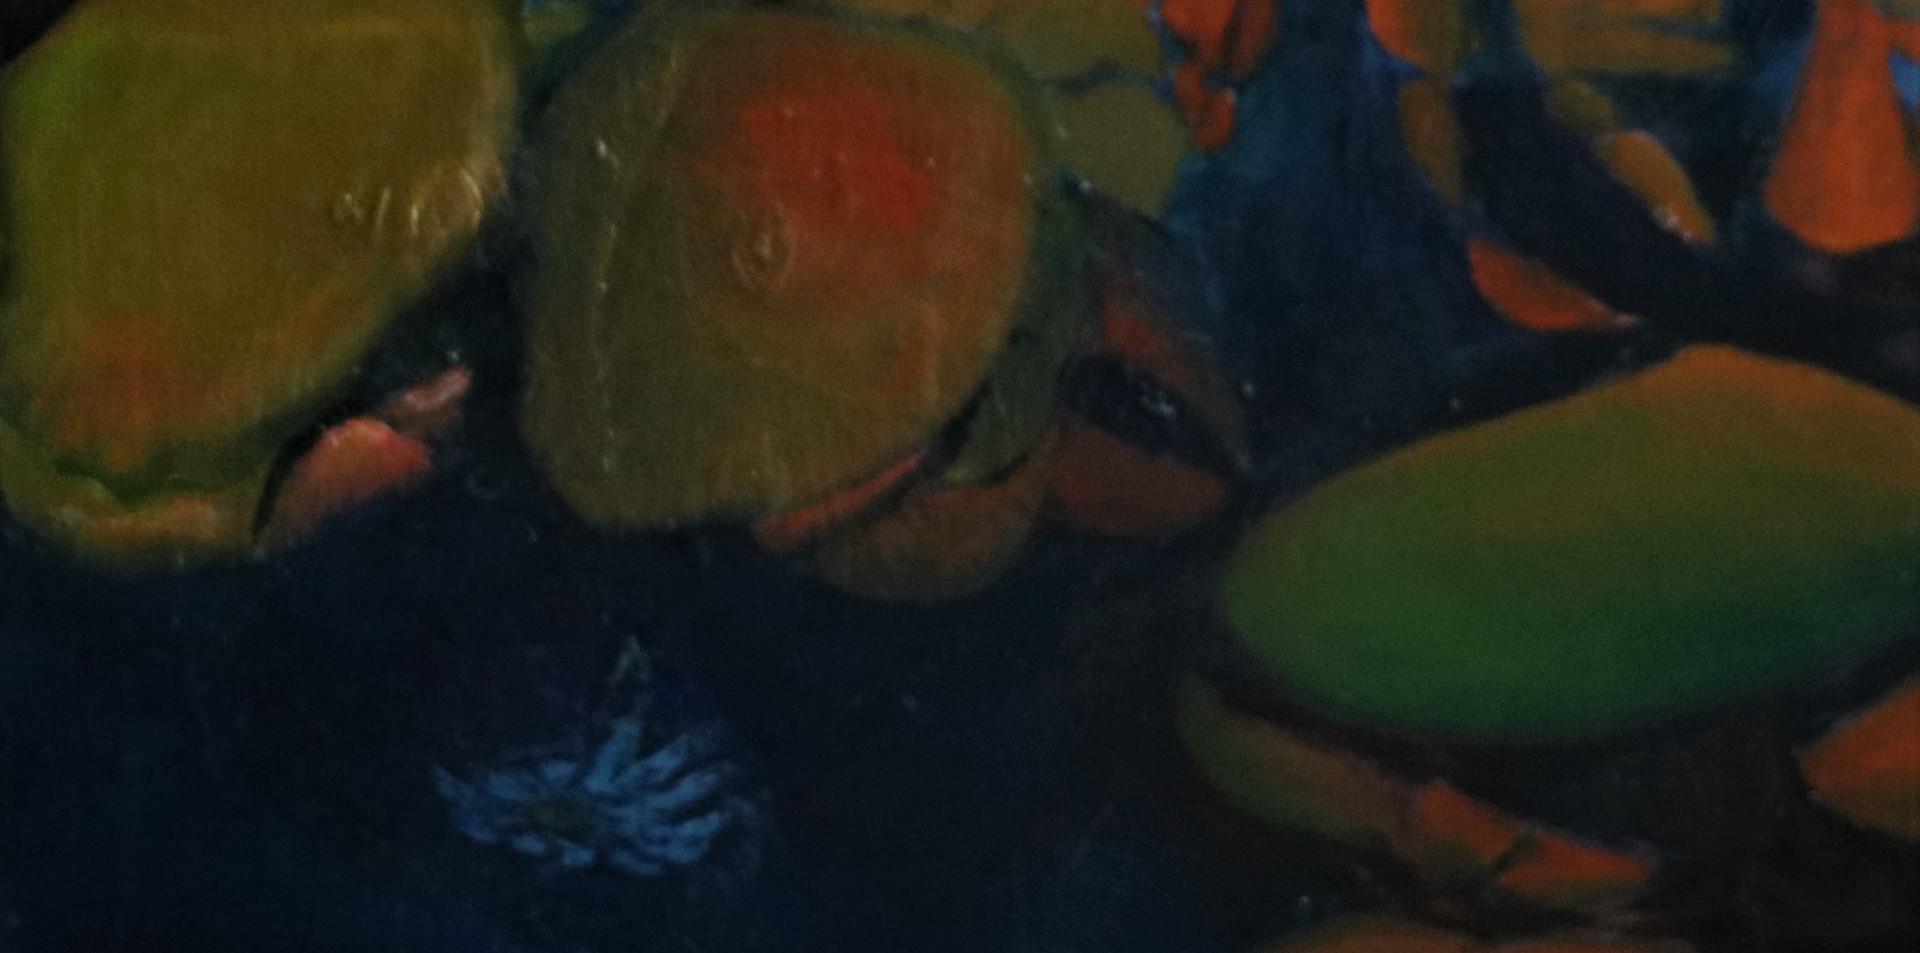 2017 - olie op doek 60 x 40 cm - De vangst